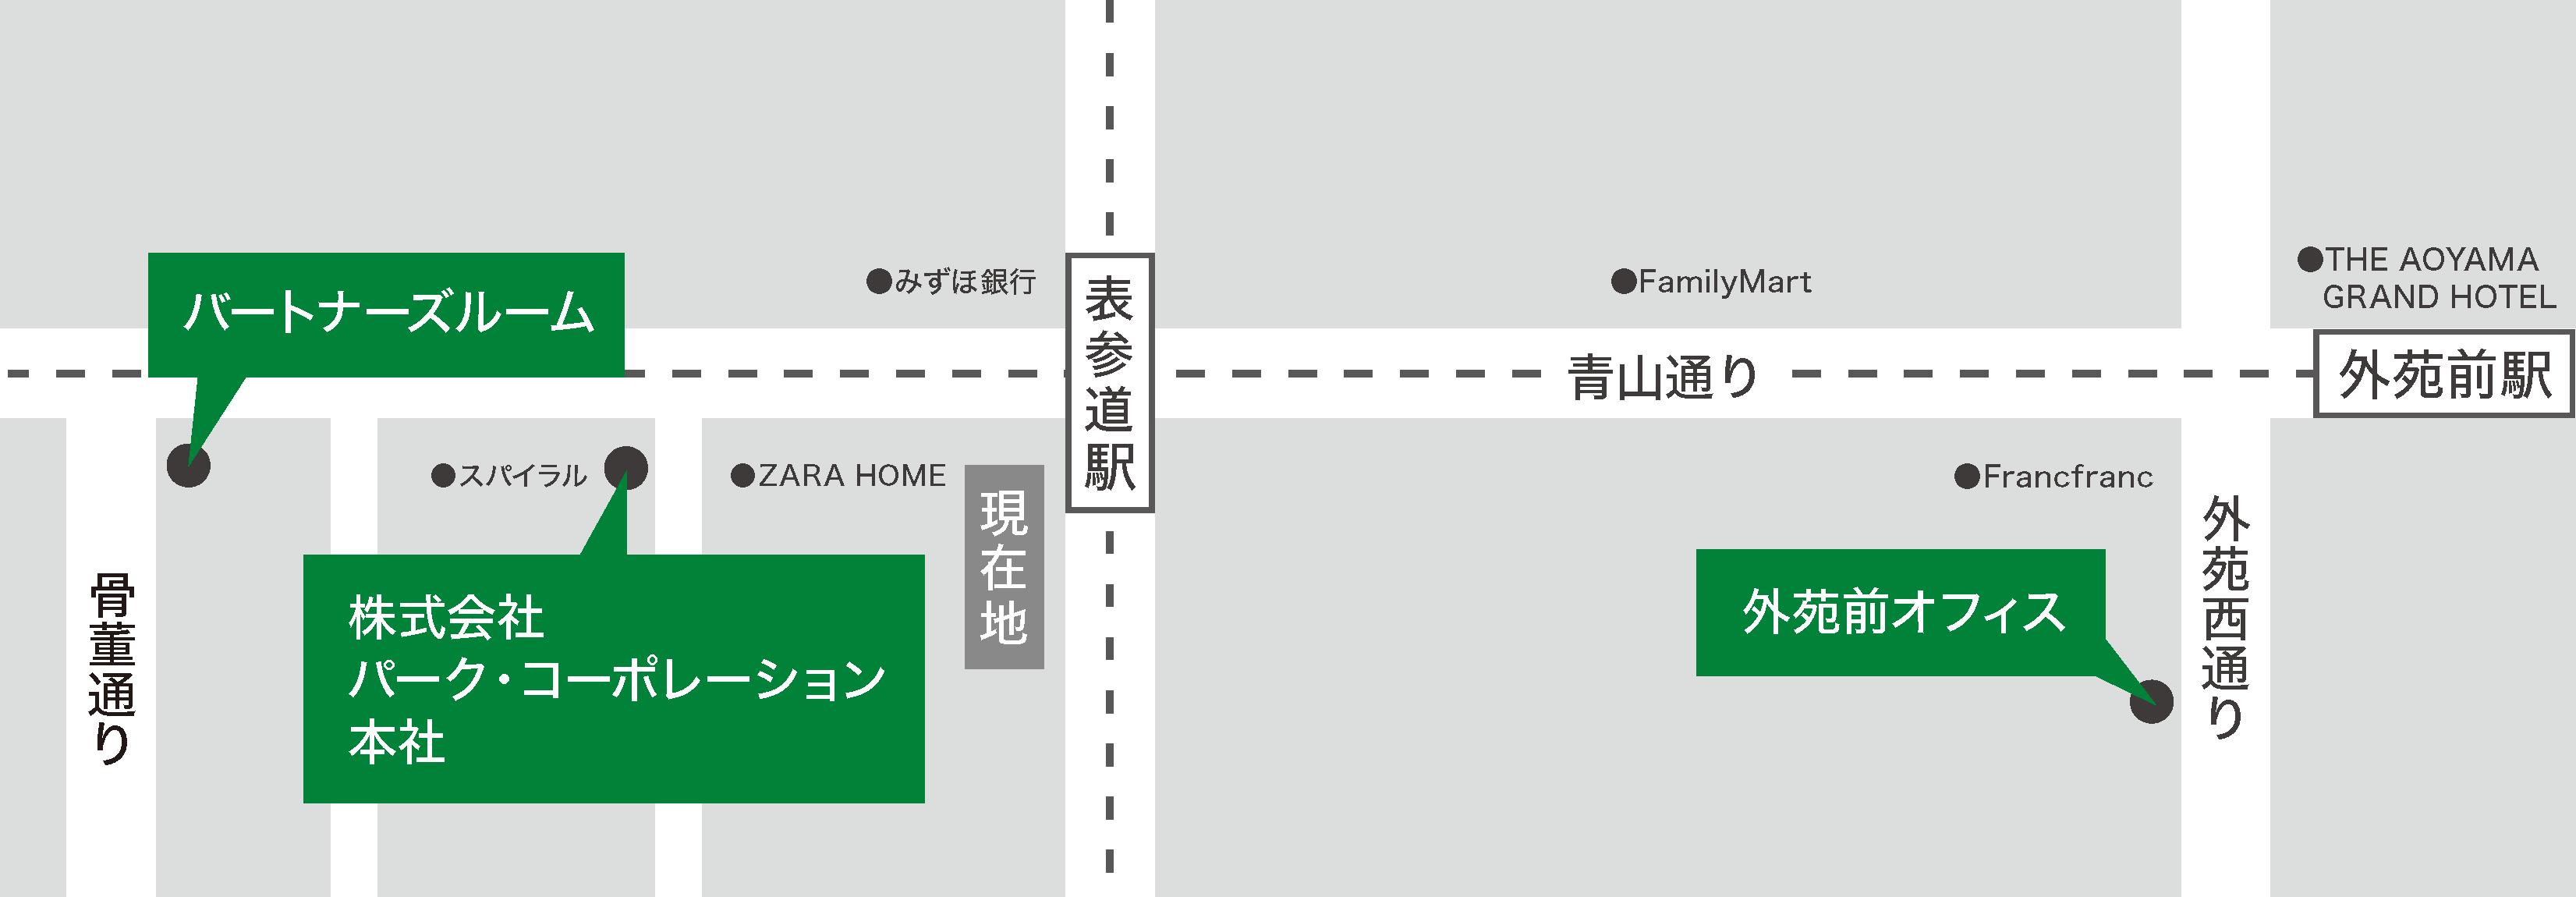 210901_オフィス移転②